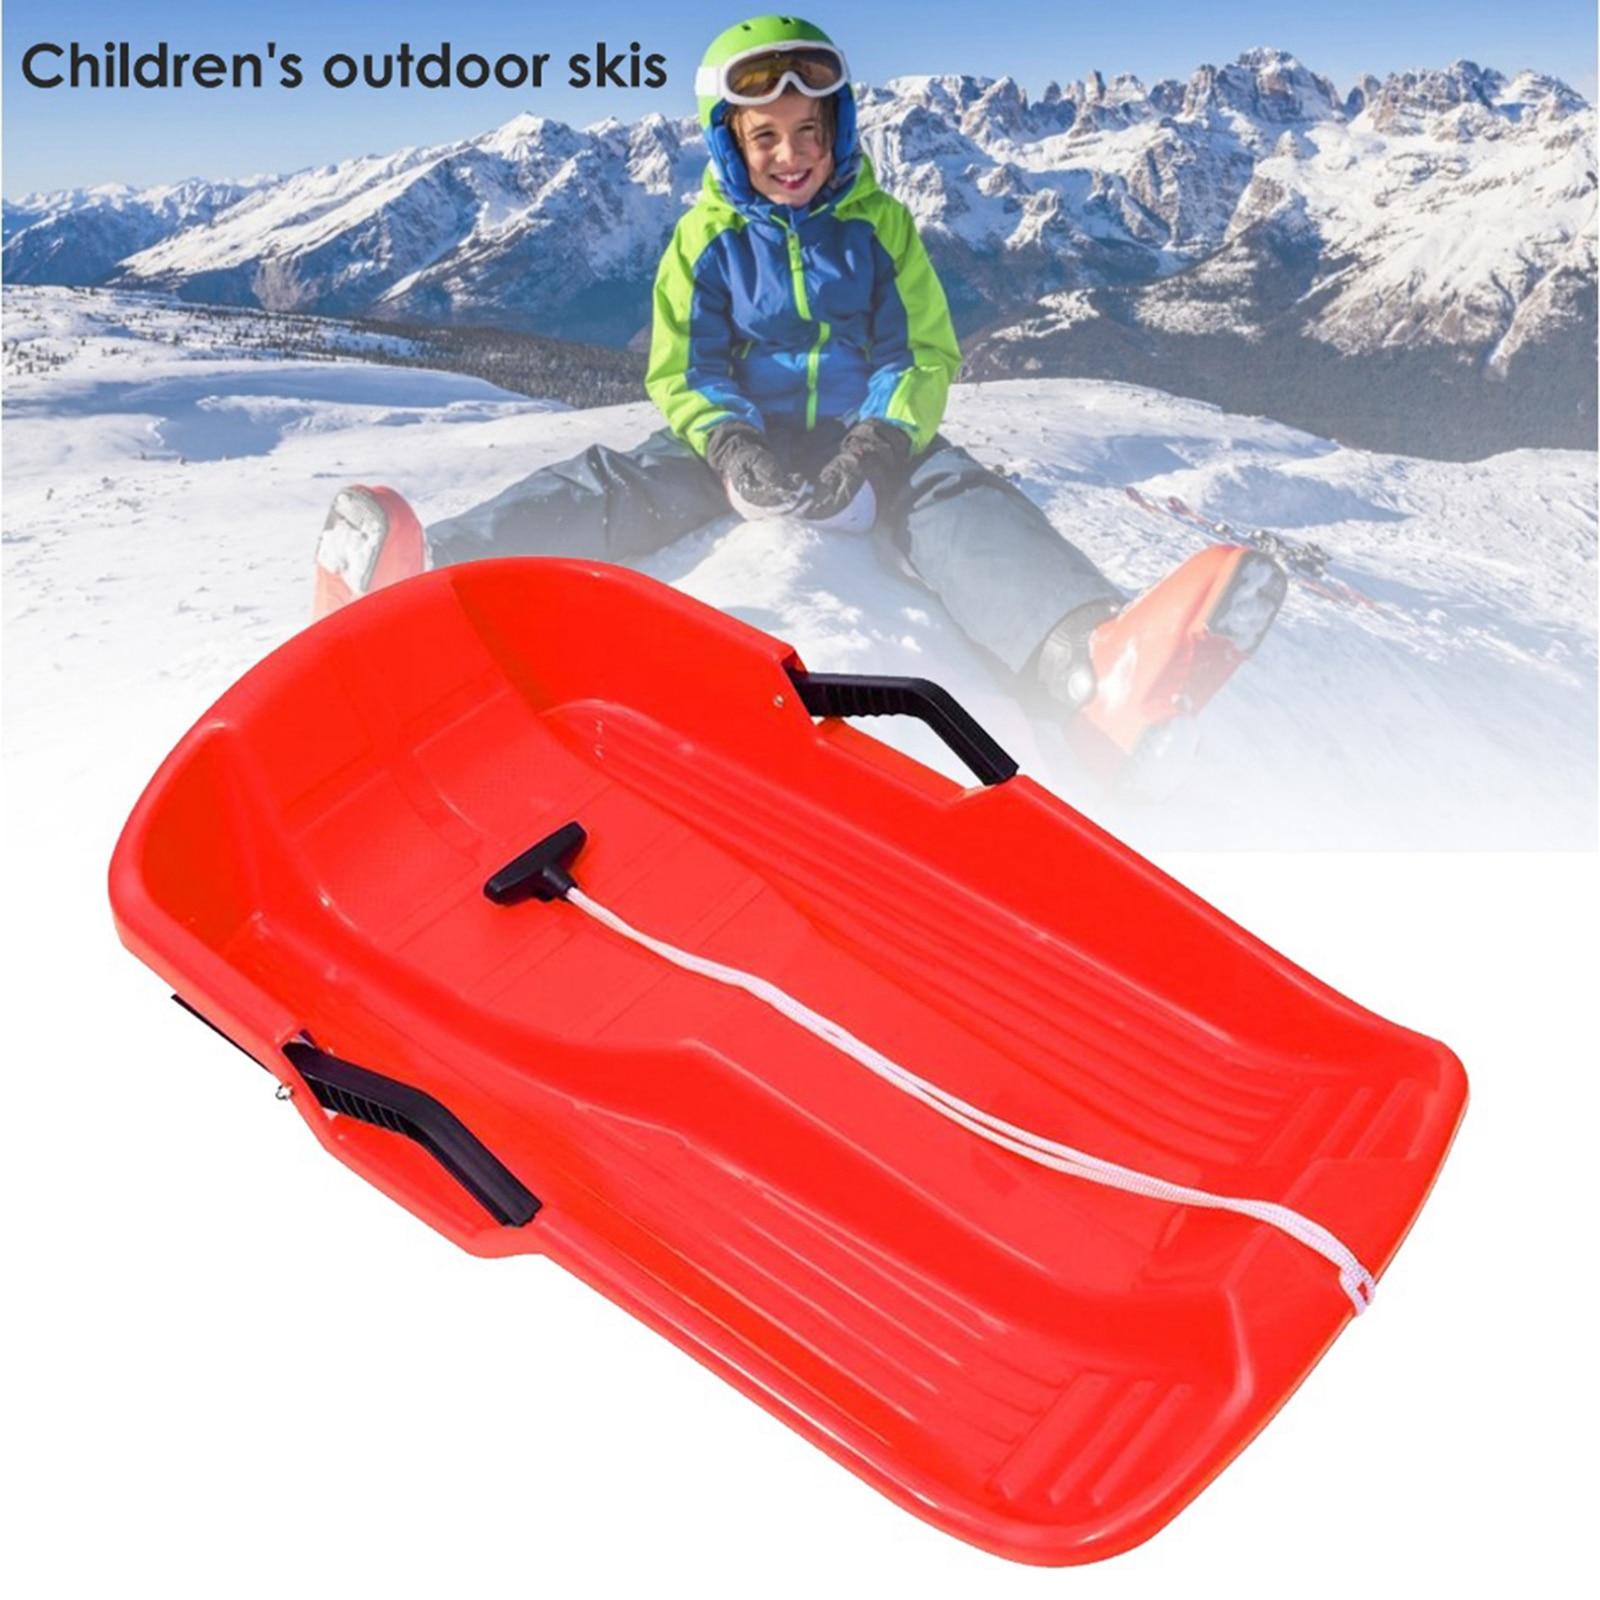 Alta densidade neve downhill trenó toboggan dobrado trenó durável para única pessoa de inverno ao ar livre brinquedo deslizante barco board toboggan